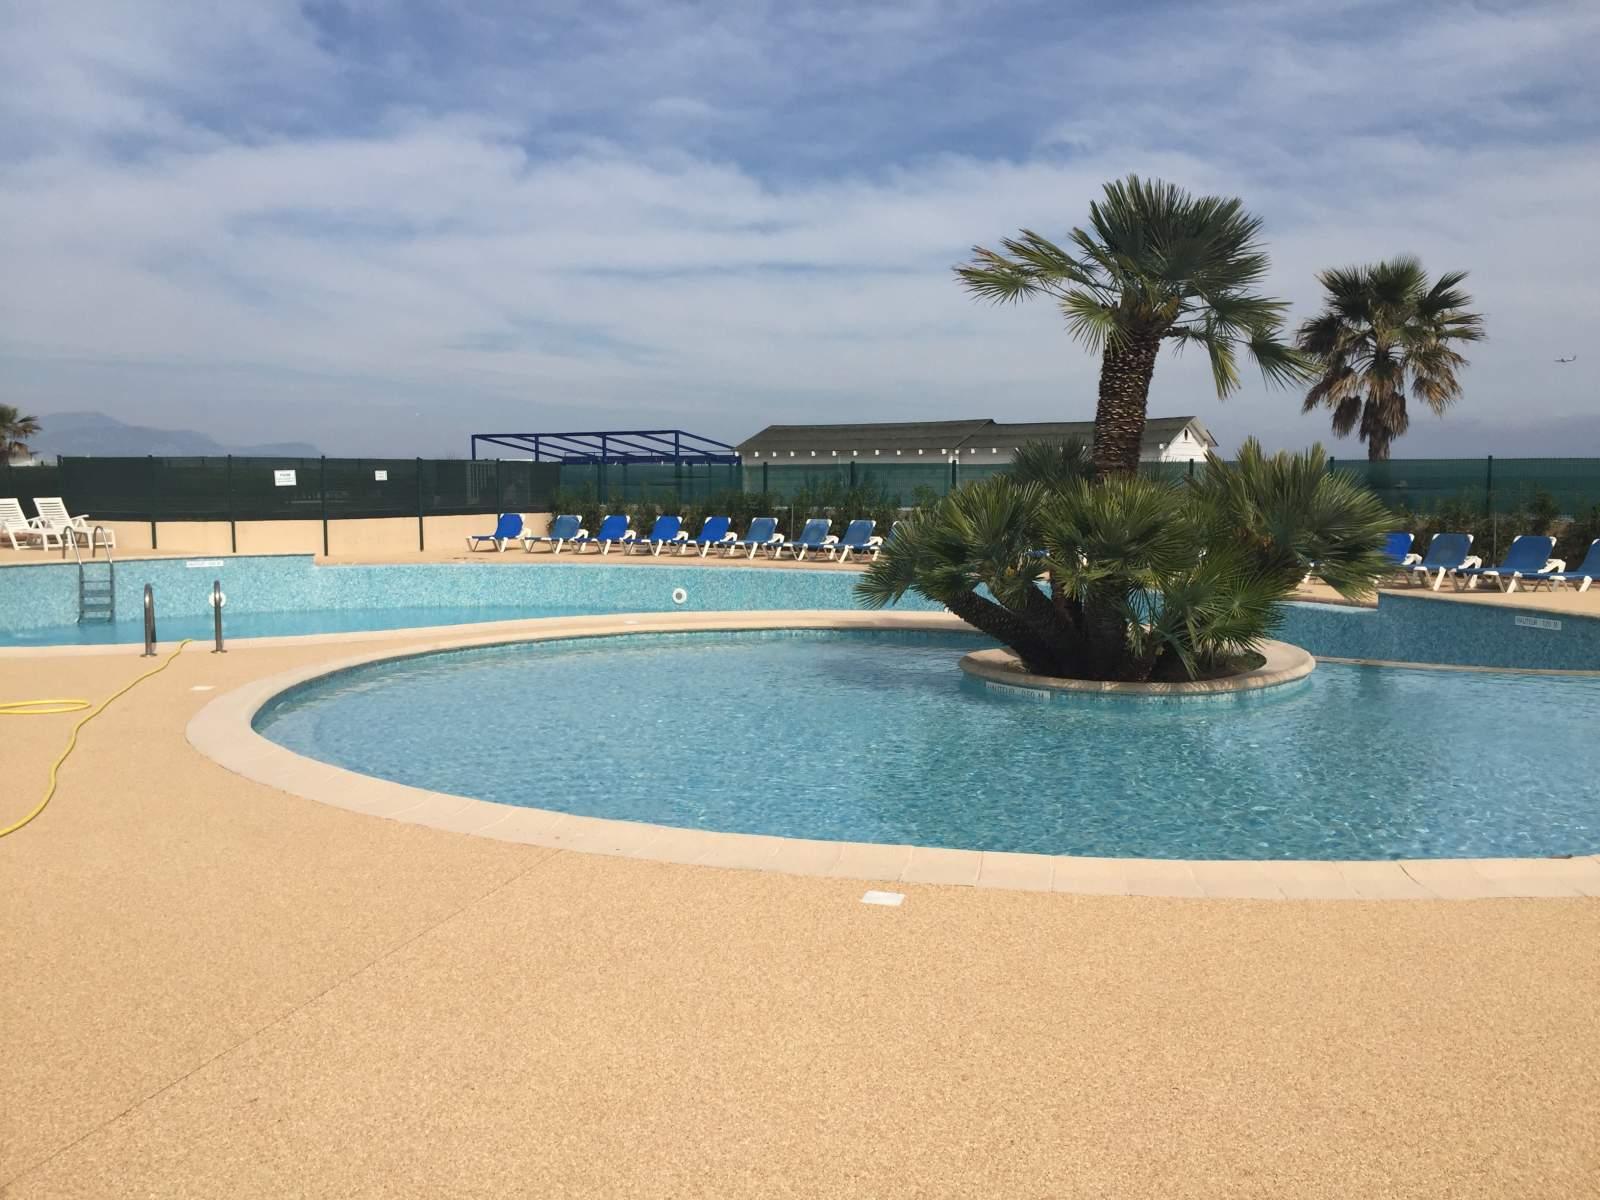 Chantier termin 500 m2 h tel sur la c te d 39 azur - Revetement de piscine resine colombes ...